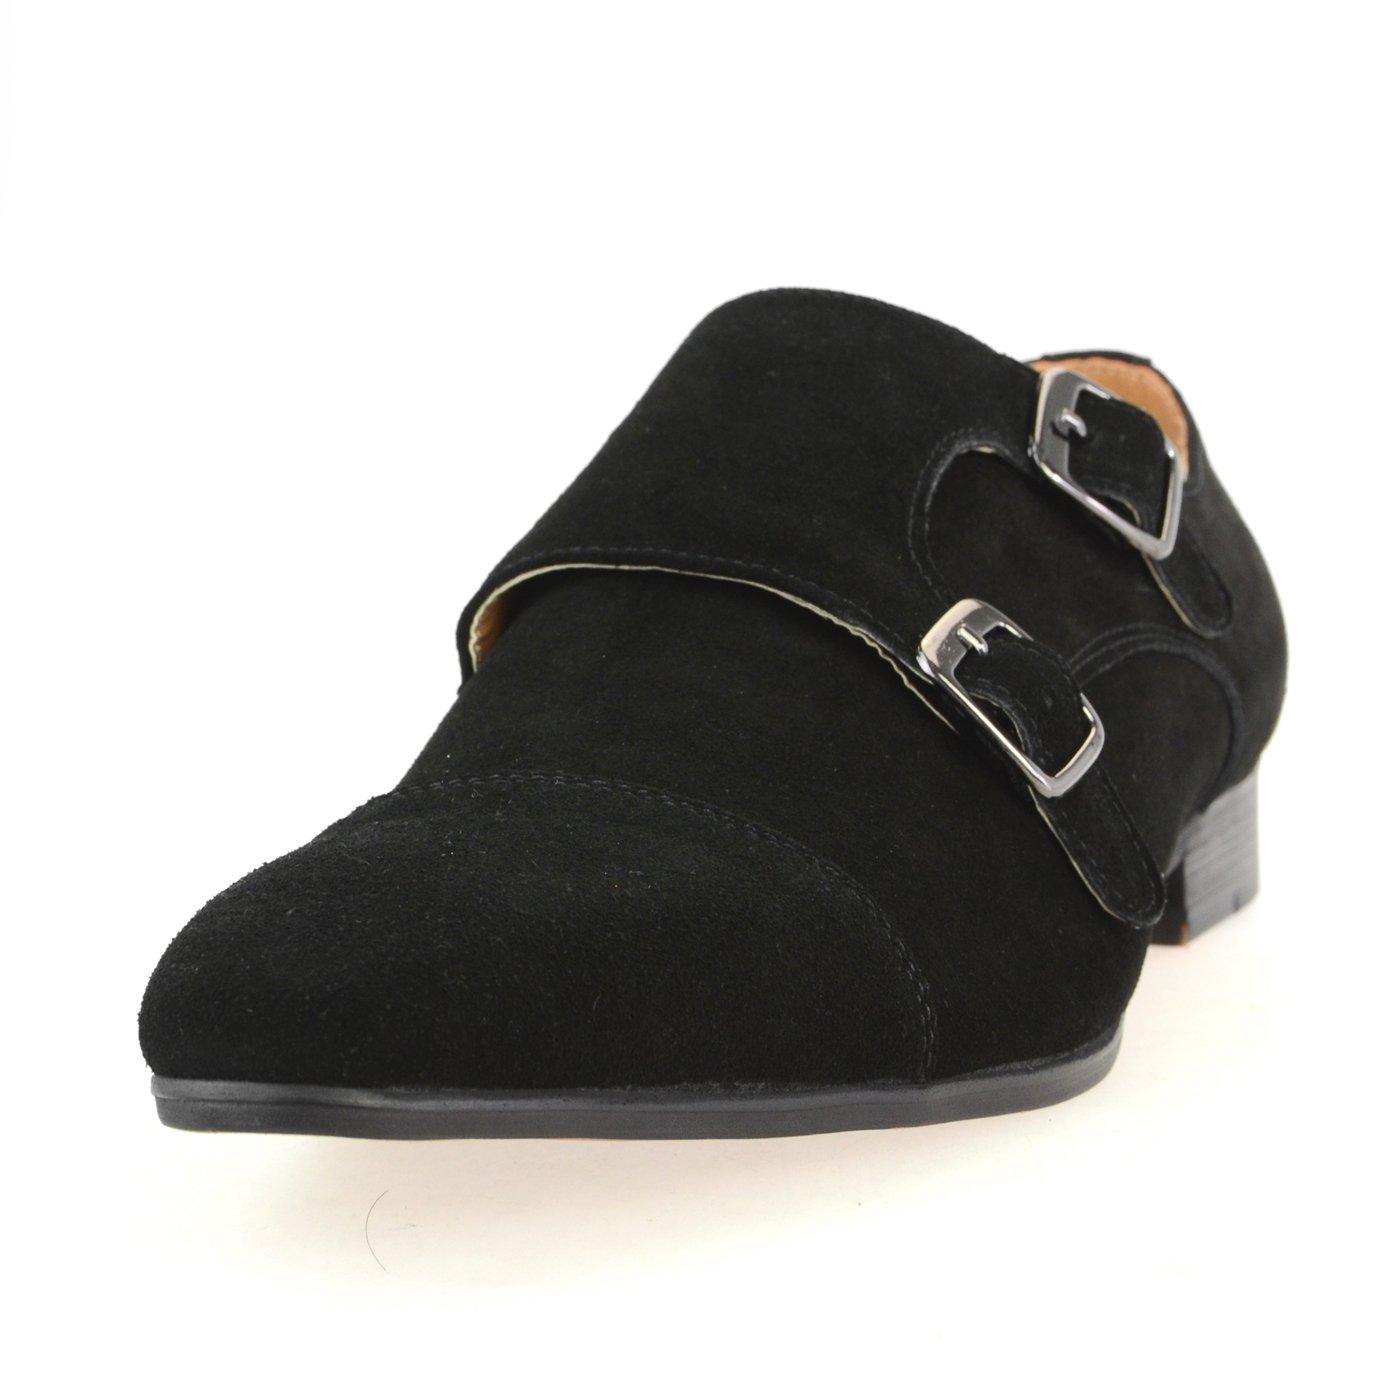 最初の  [ルシウス] 本革 メダリオン 20種類から選ぶ レザー メンズ ダブル [ルシウス] モンクストラップ メダリオン 25.0 ストレートチップ 革靴 紳士靴 B076DWLQBK HA17480-4 ブラック 25.0 cm 3E 25.0 cm 3E|HA17480-4 ブラック, A-PRICE:c0296bf2 --- arianechie.dominiotemporario.com